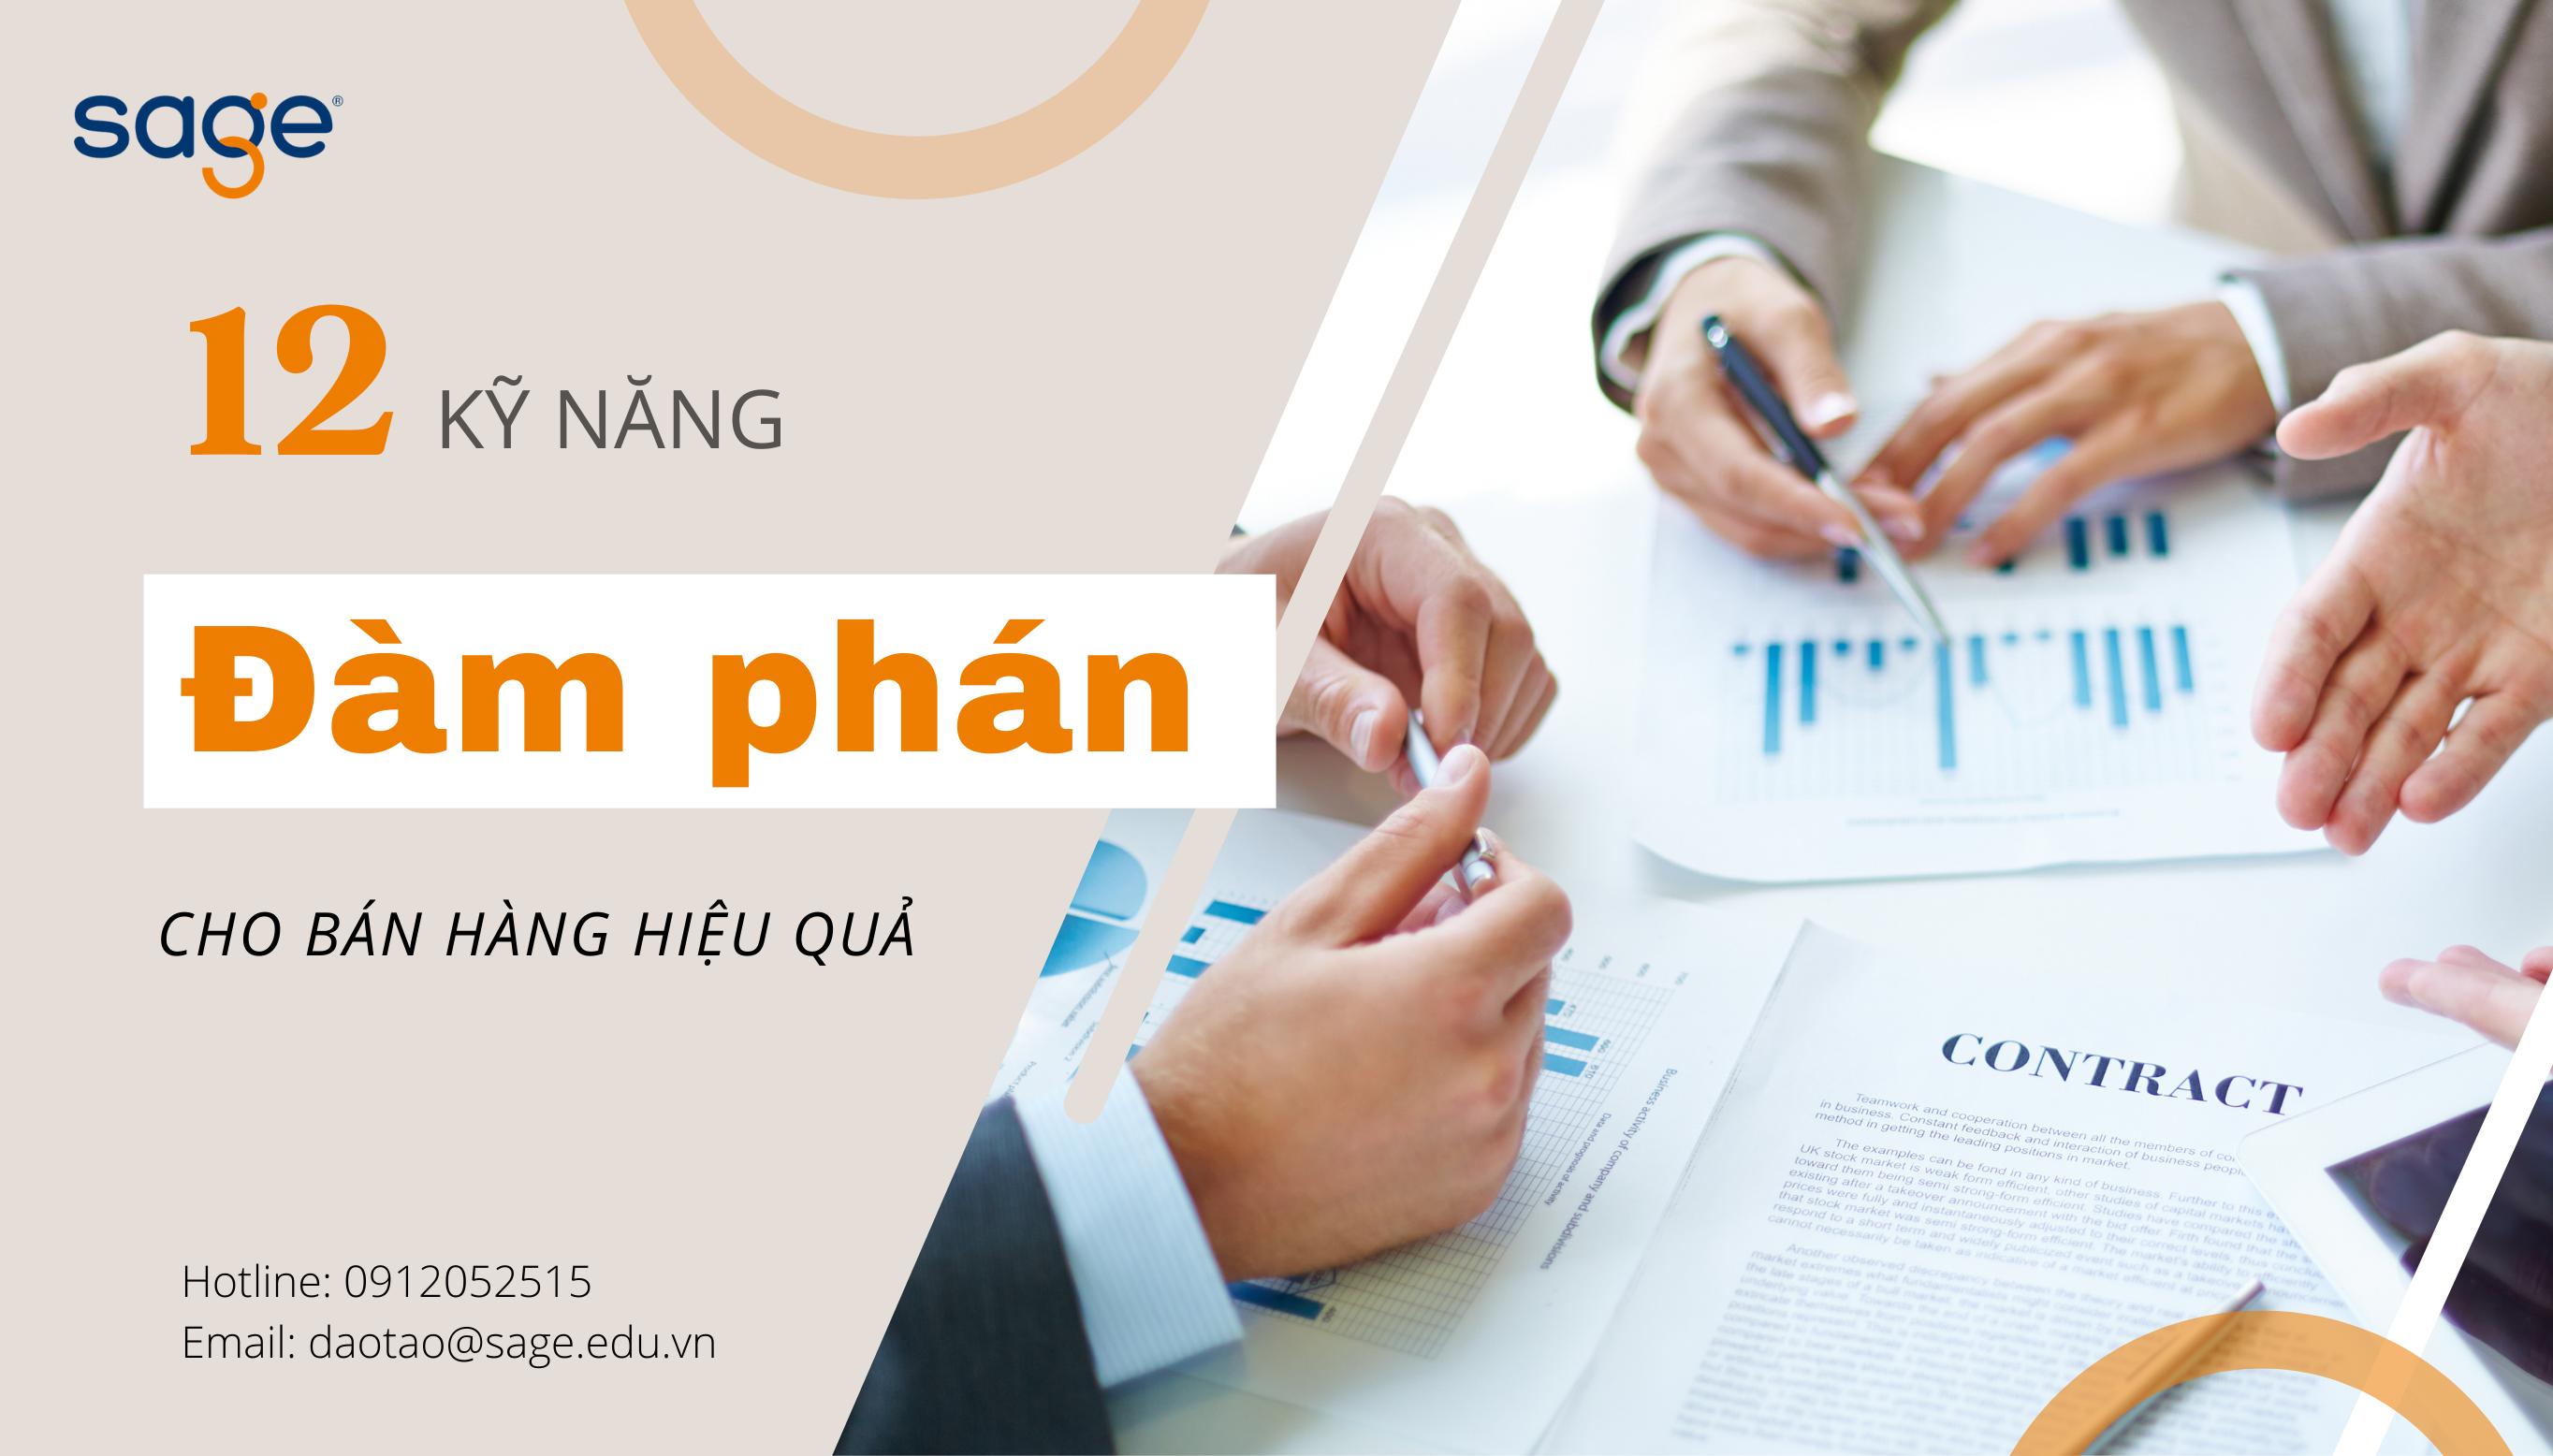 ky-nang-dam-phan